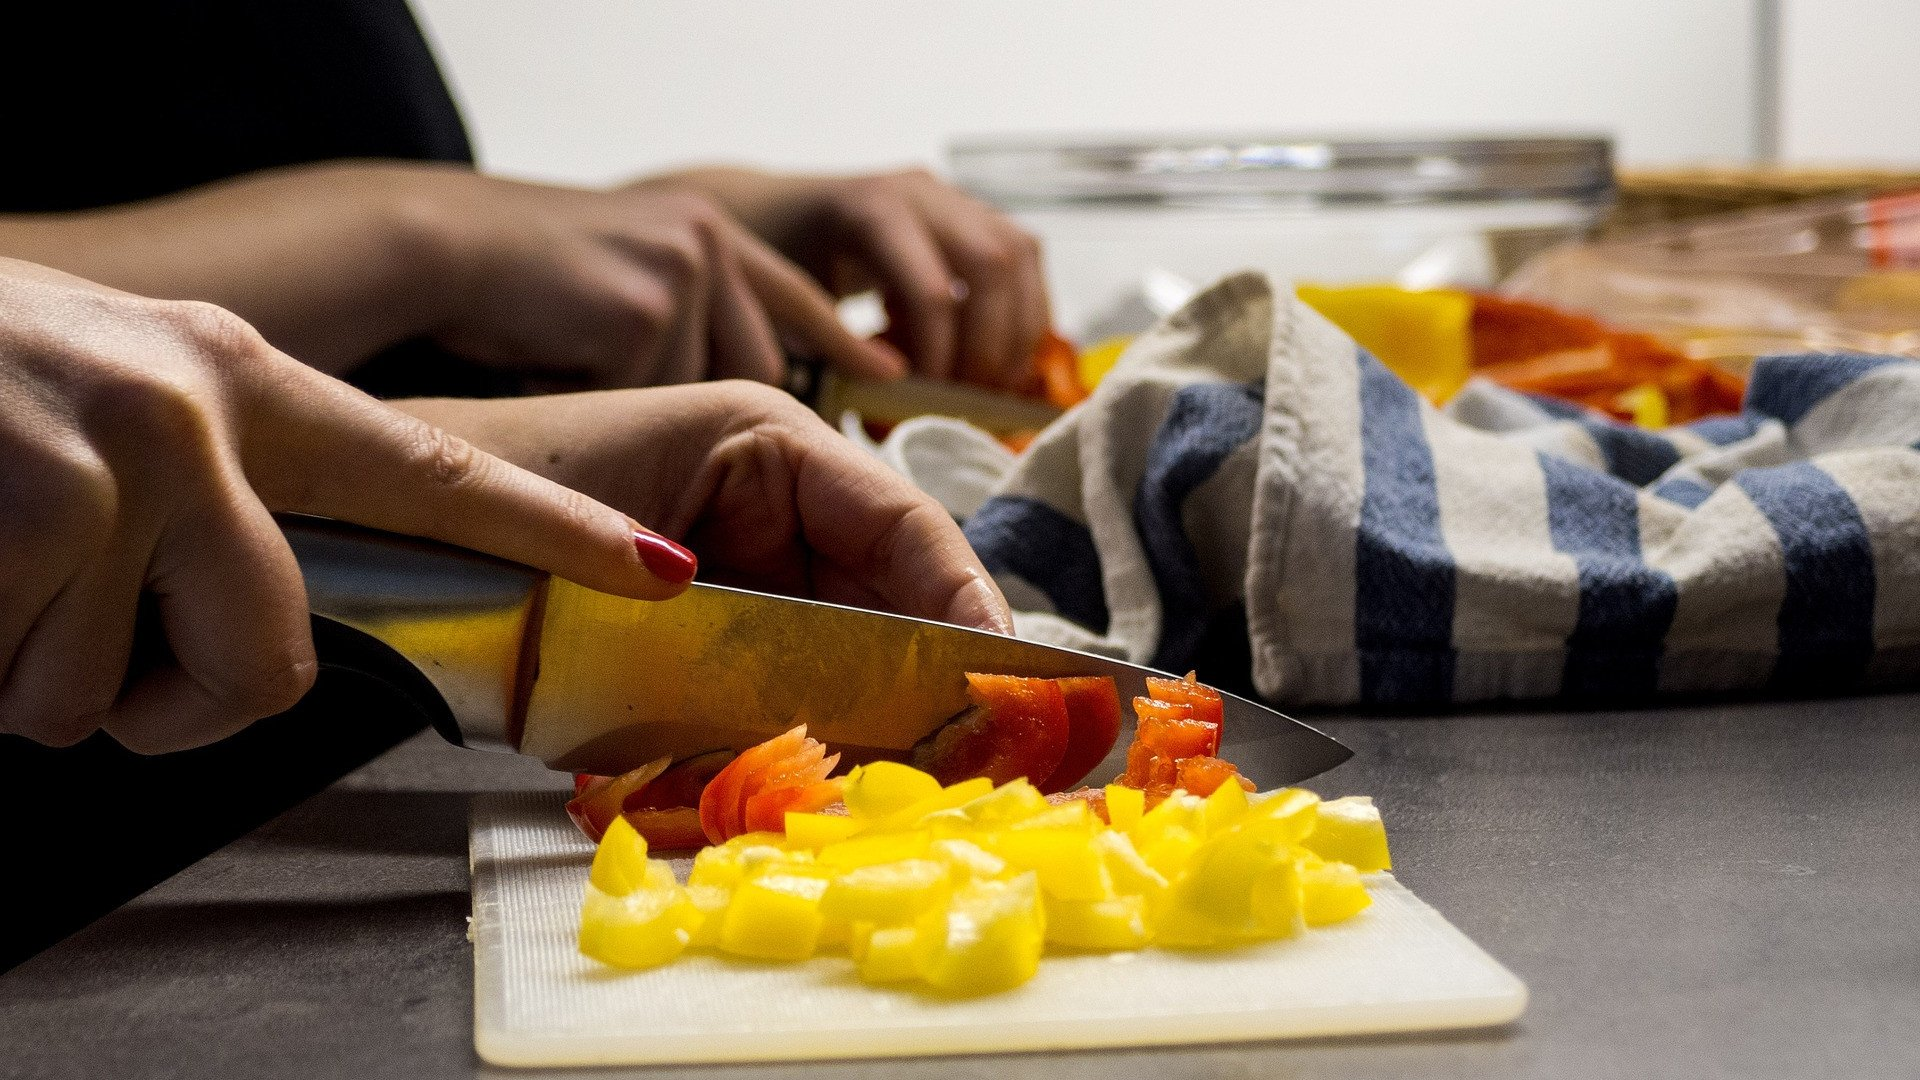 La cuisine devient la pièce la plus importante du logement